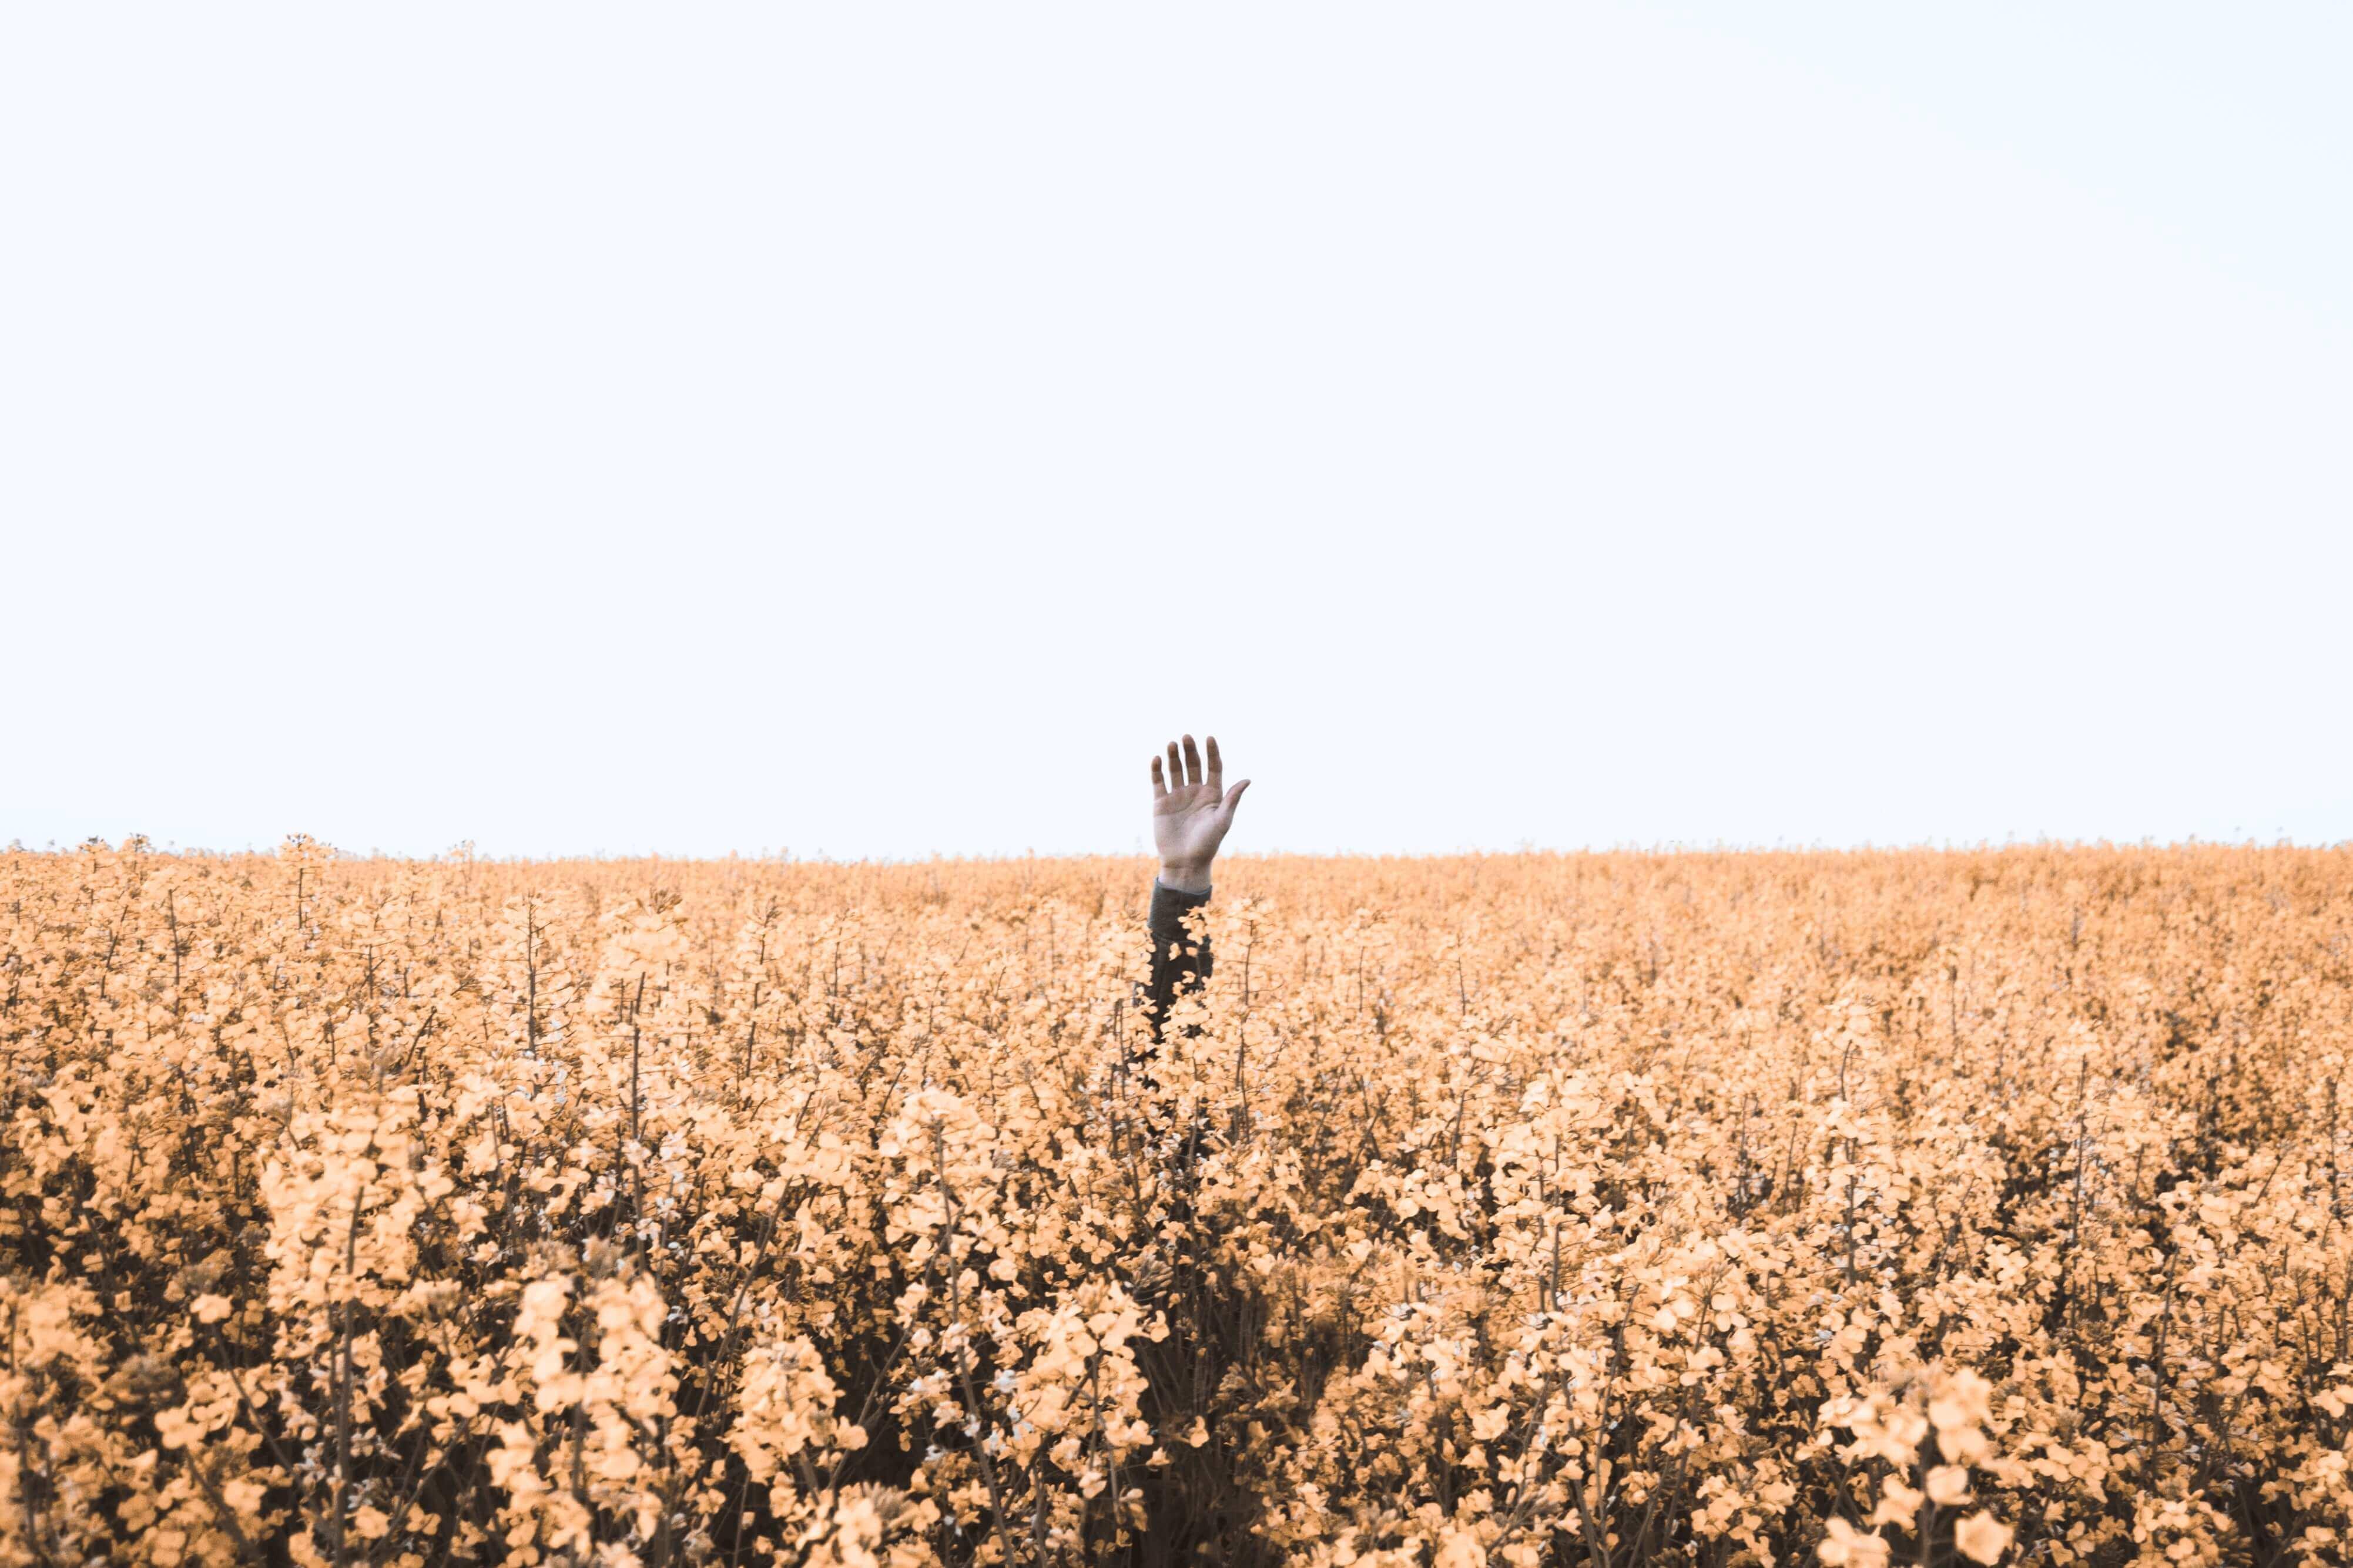 Una mano sobresale entre flores como símbolo de reclamo de ayuda